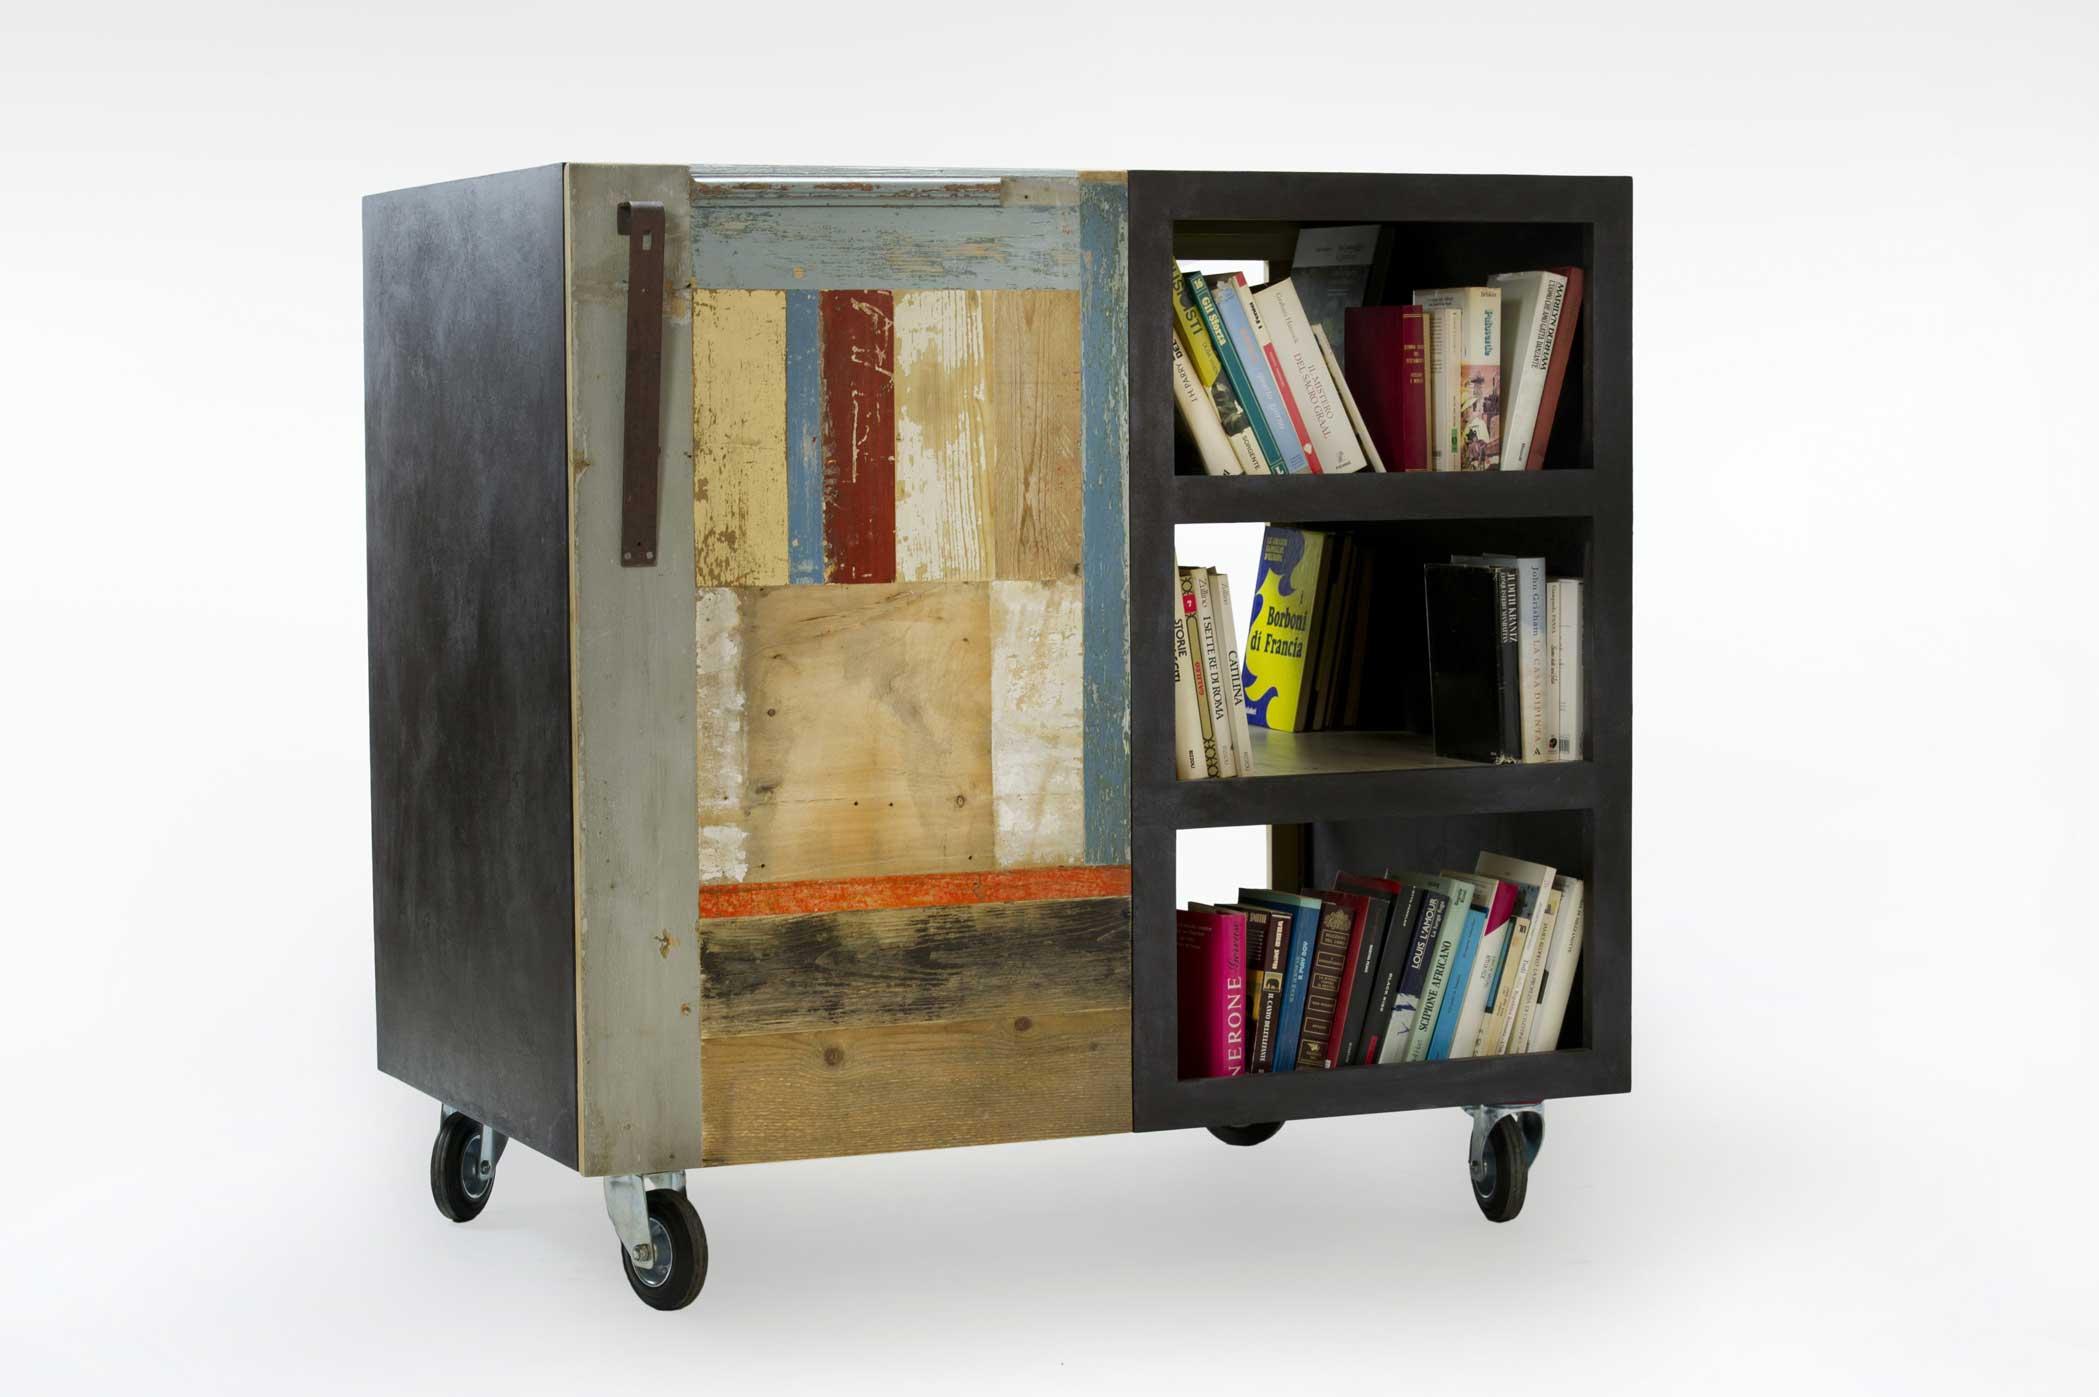 Carrello libreria con ruote. Legno coperto di resina grigia e sportellone in diversi tipi di legno vintage colorato